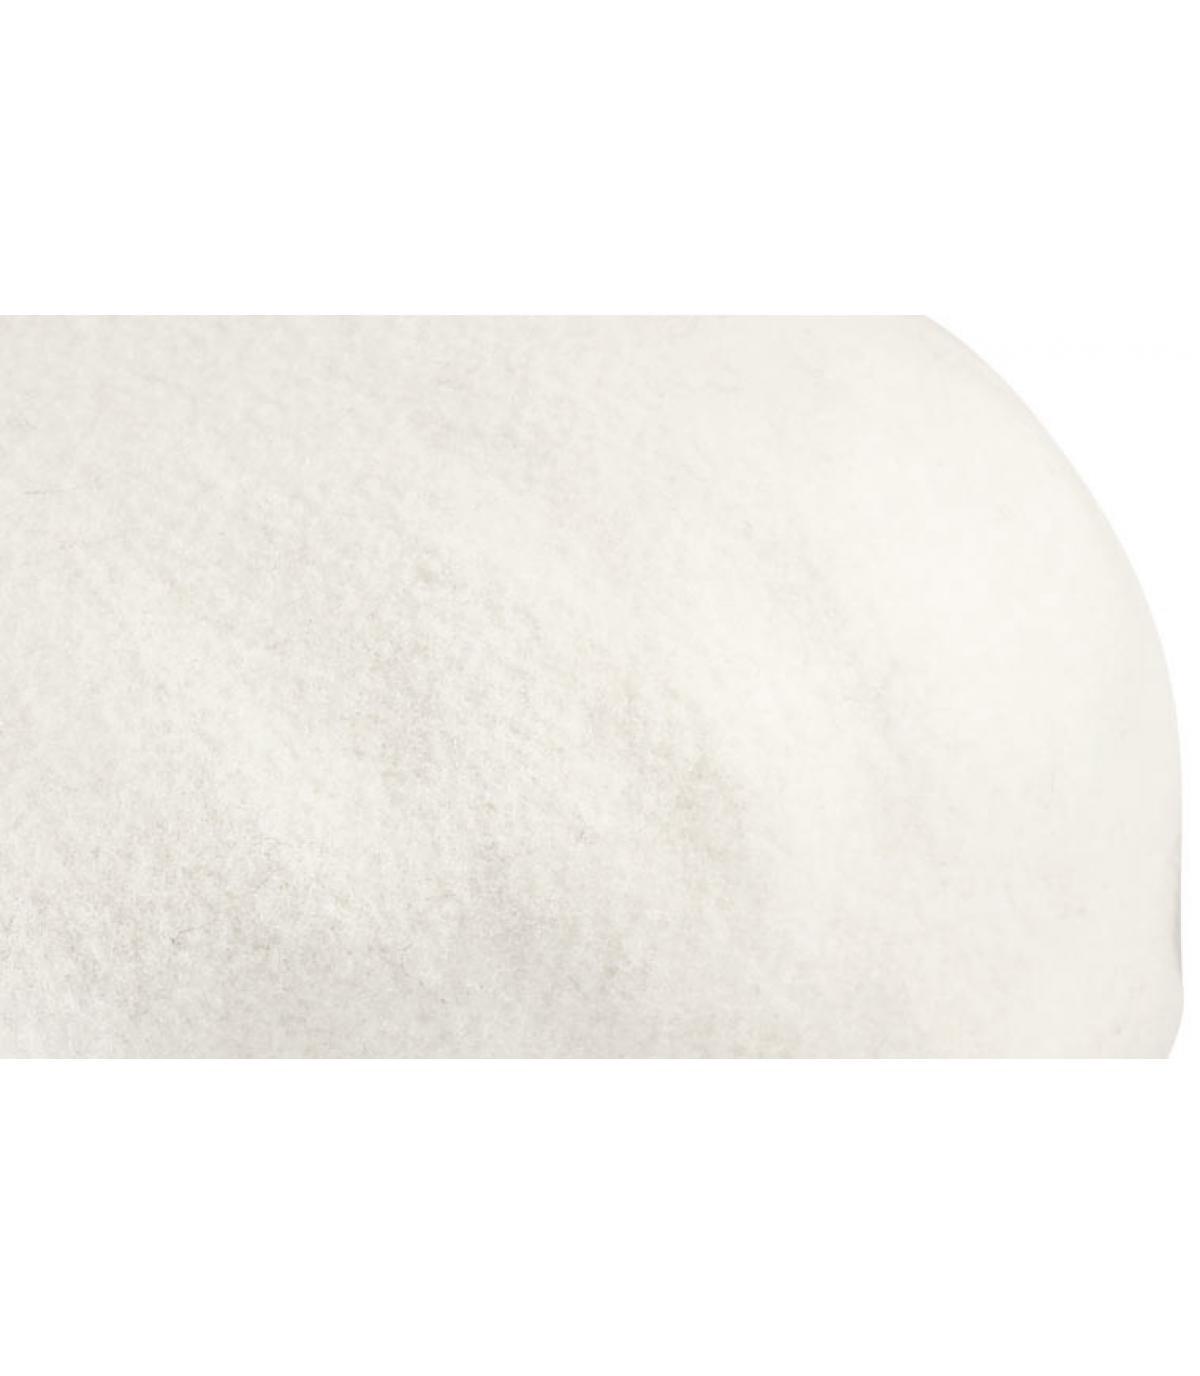 504 wool white